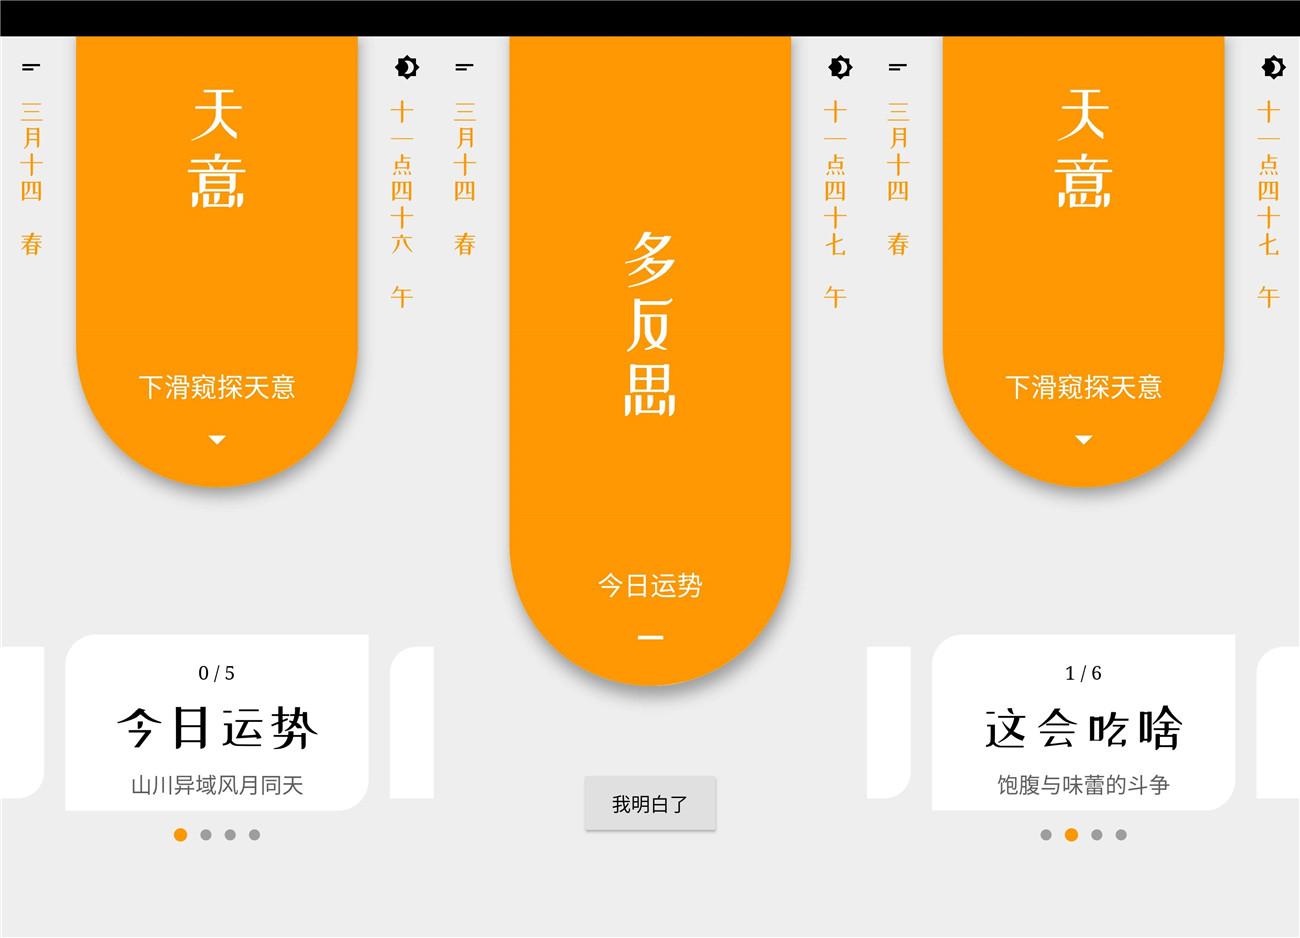 天意App1.0.2 专治选择困难症